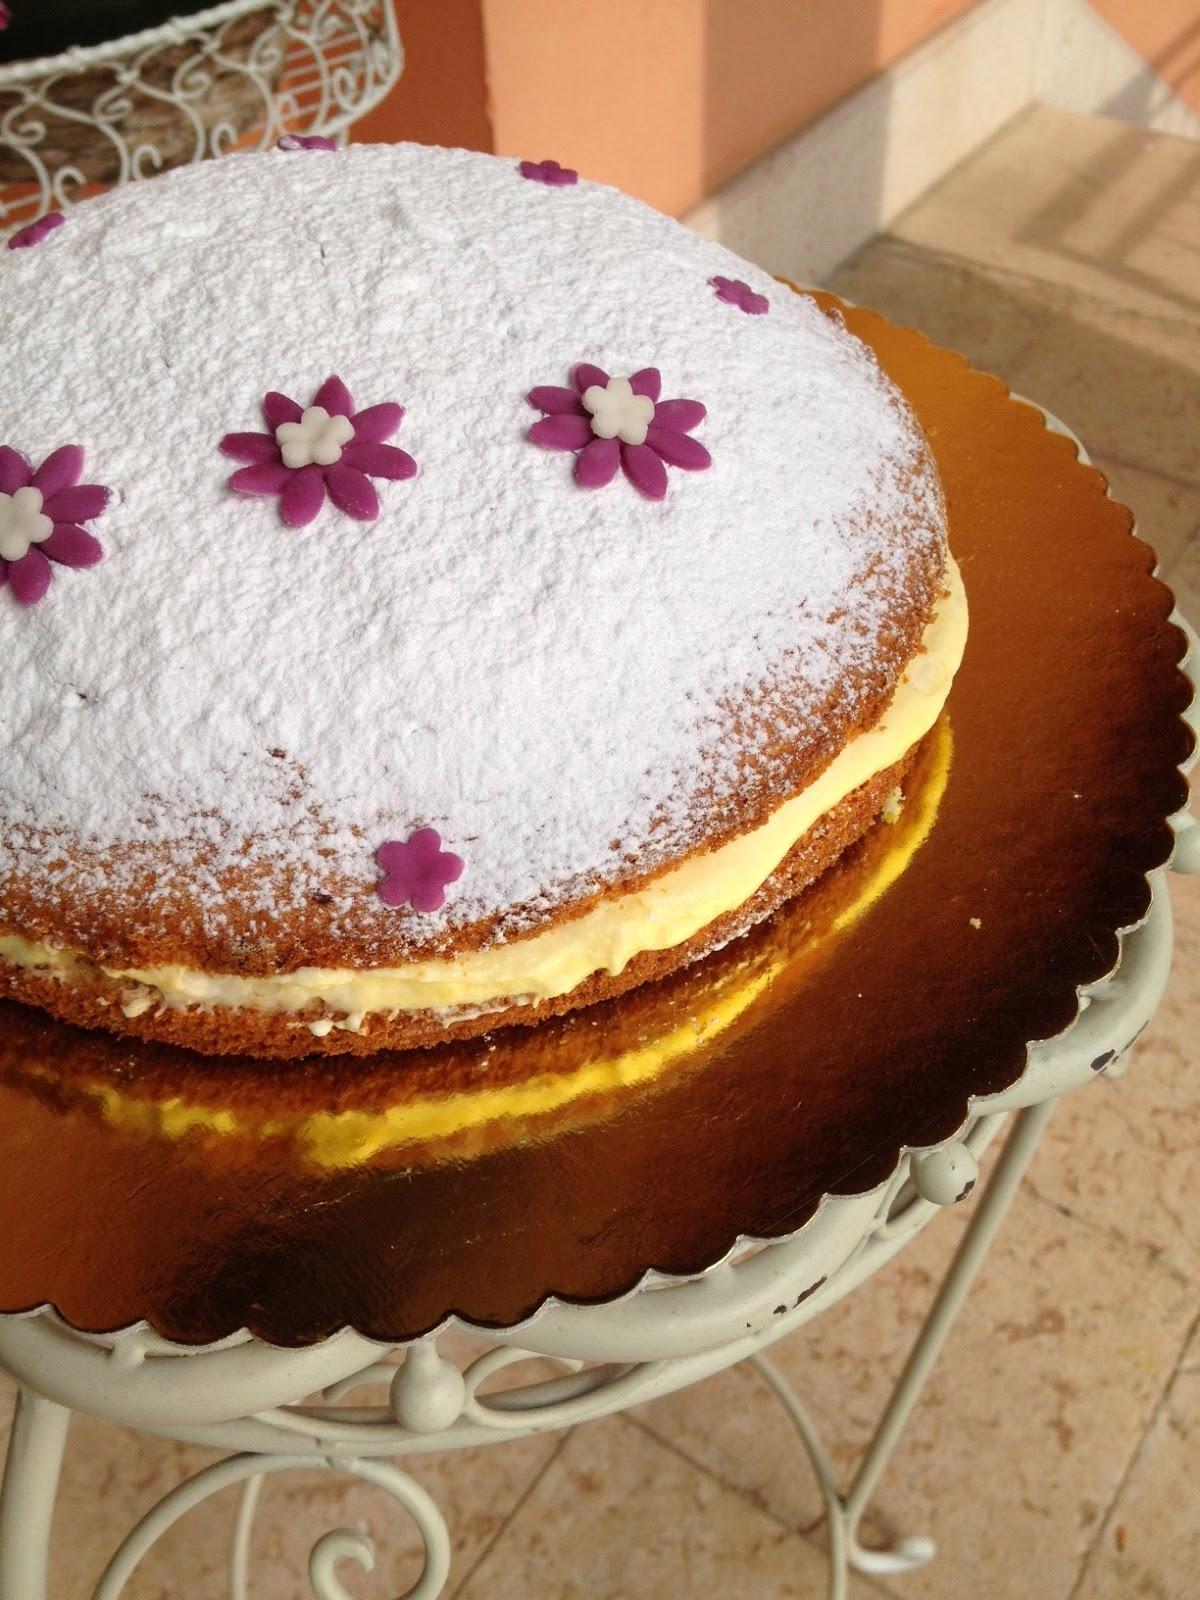 I Dolci Di Flori Torta Chantilly